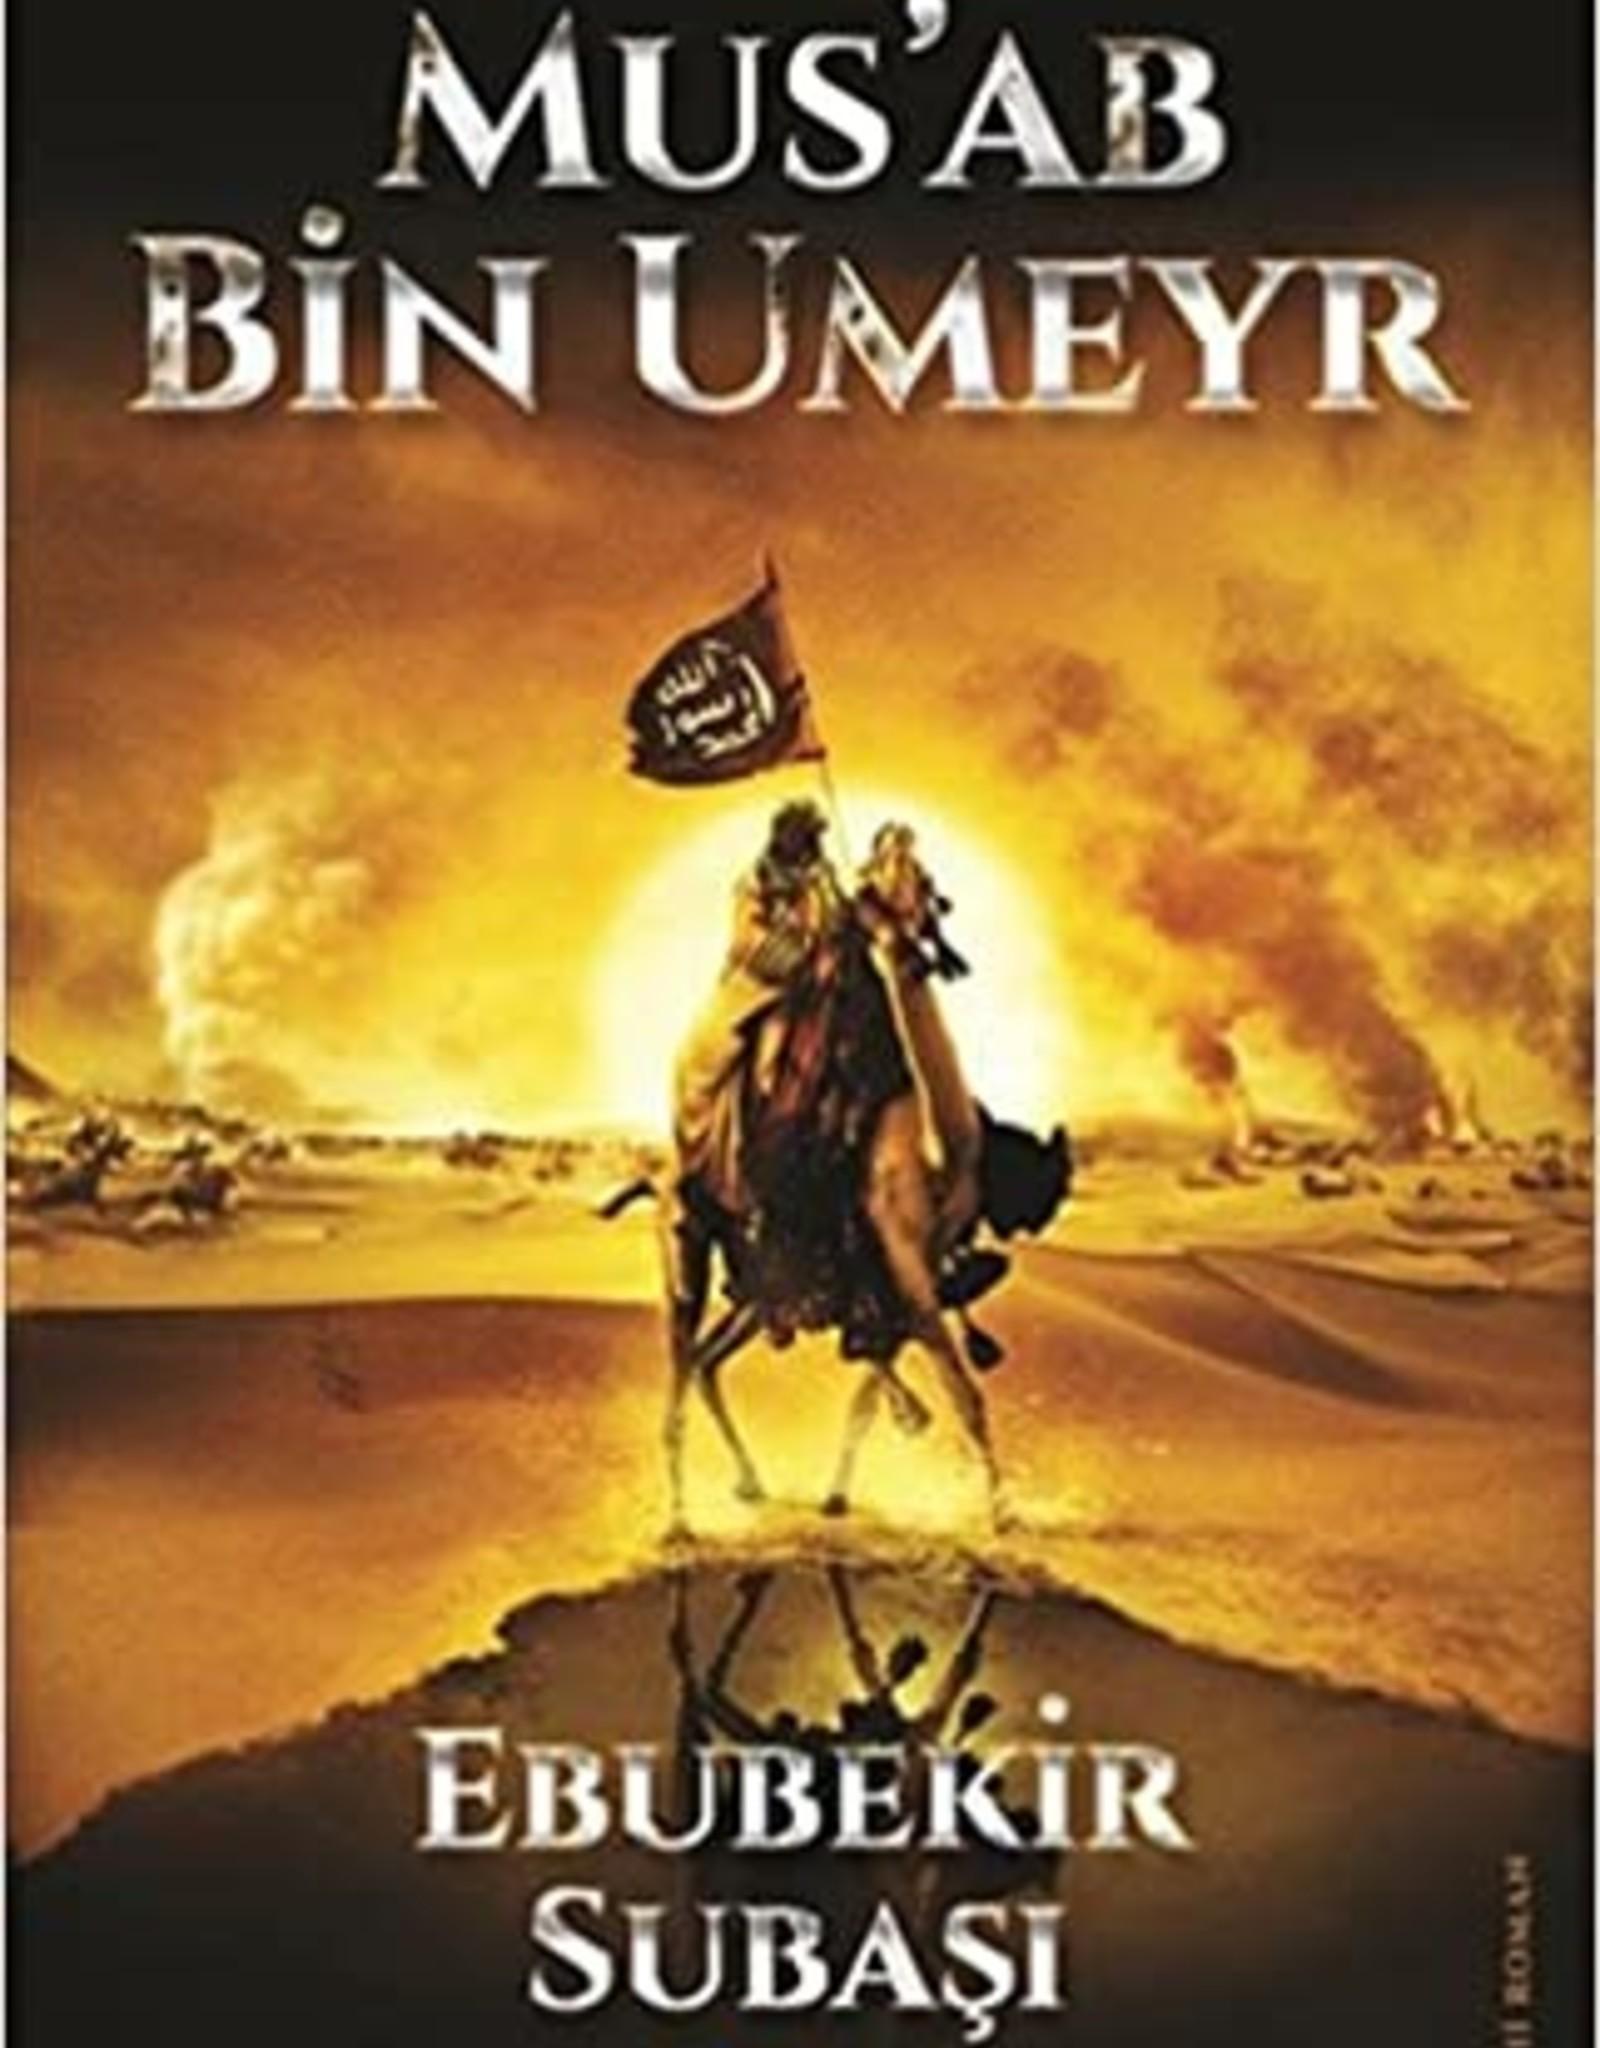 Mus'ab Bin Umeyr